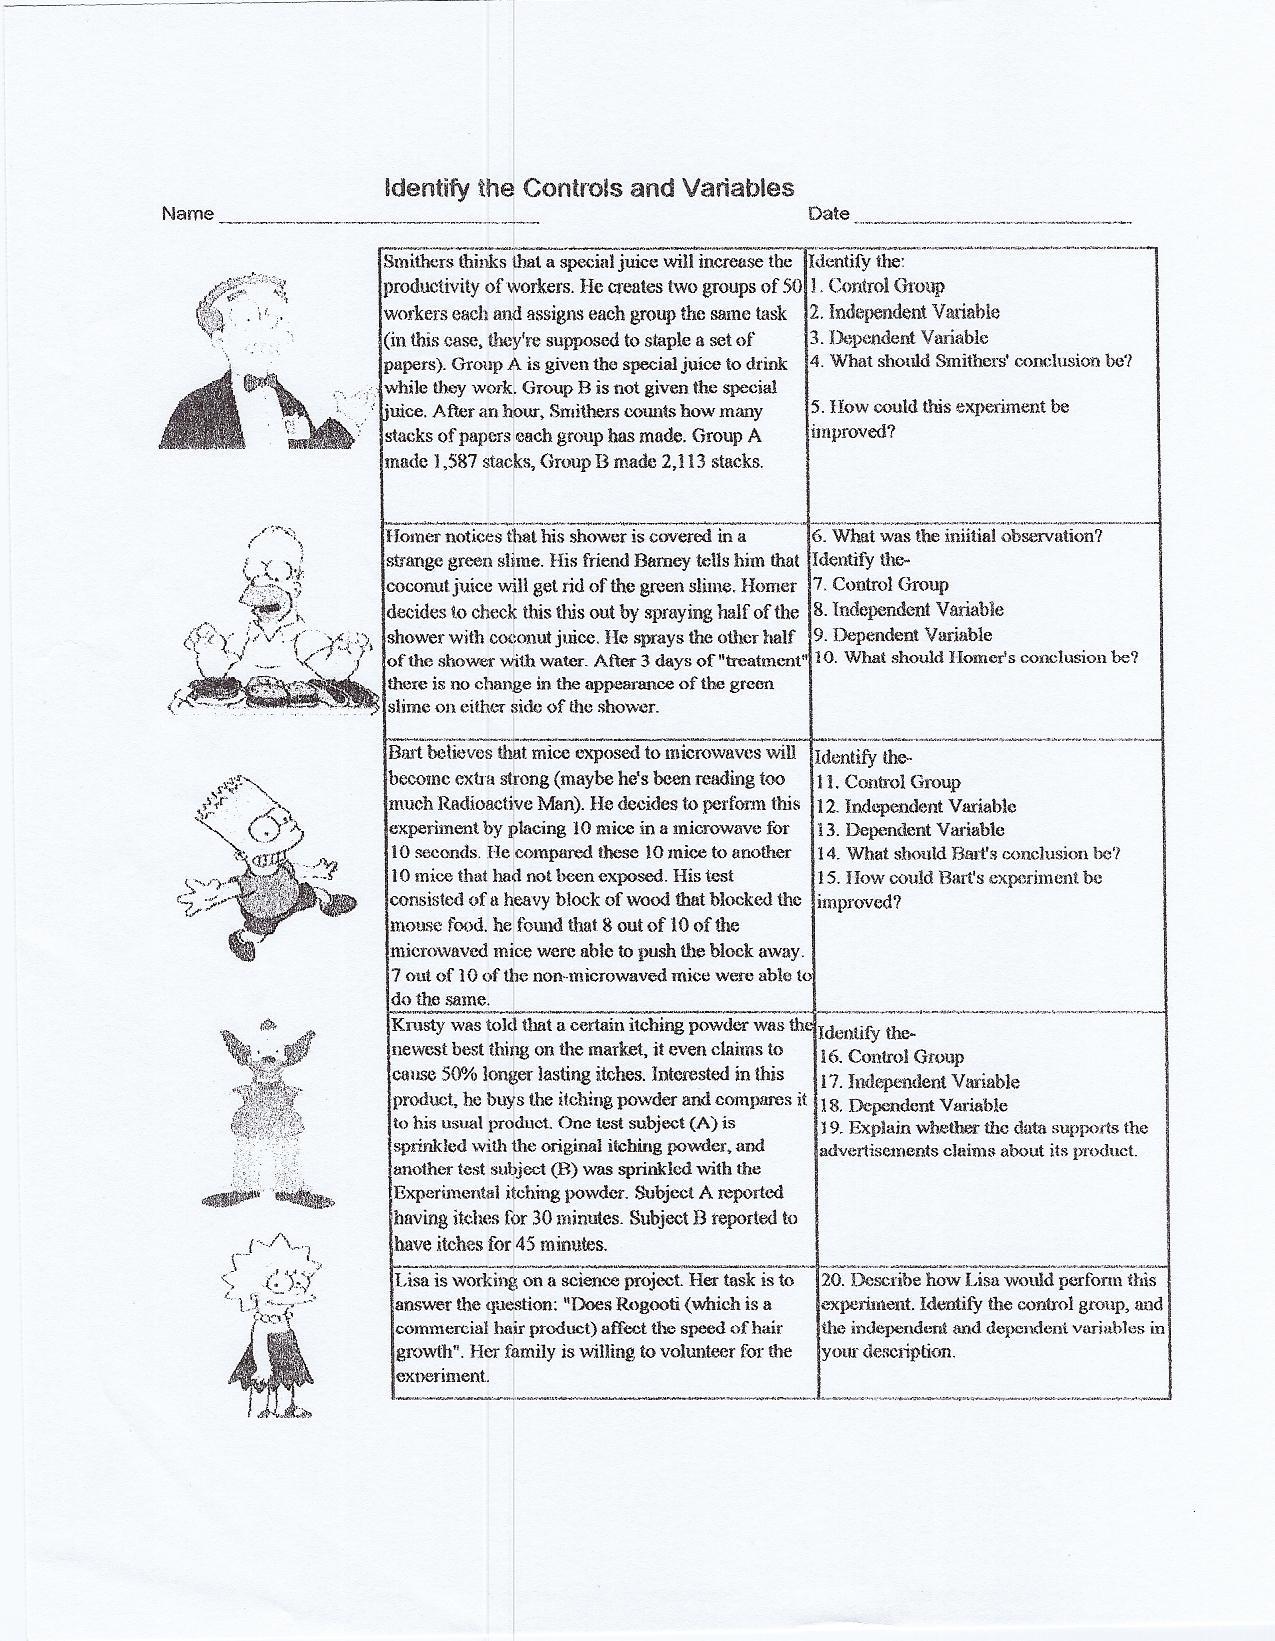 Scientific Method Worksheet Answers Scientific Method Practice Worksheet Answers Nidecmege